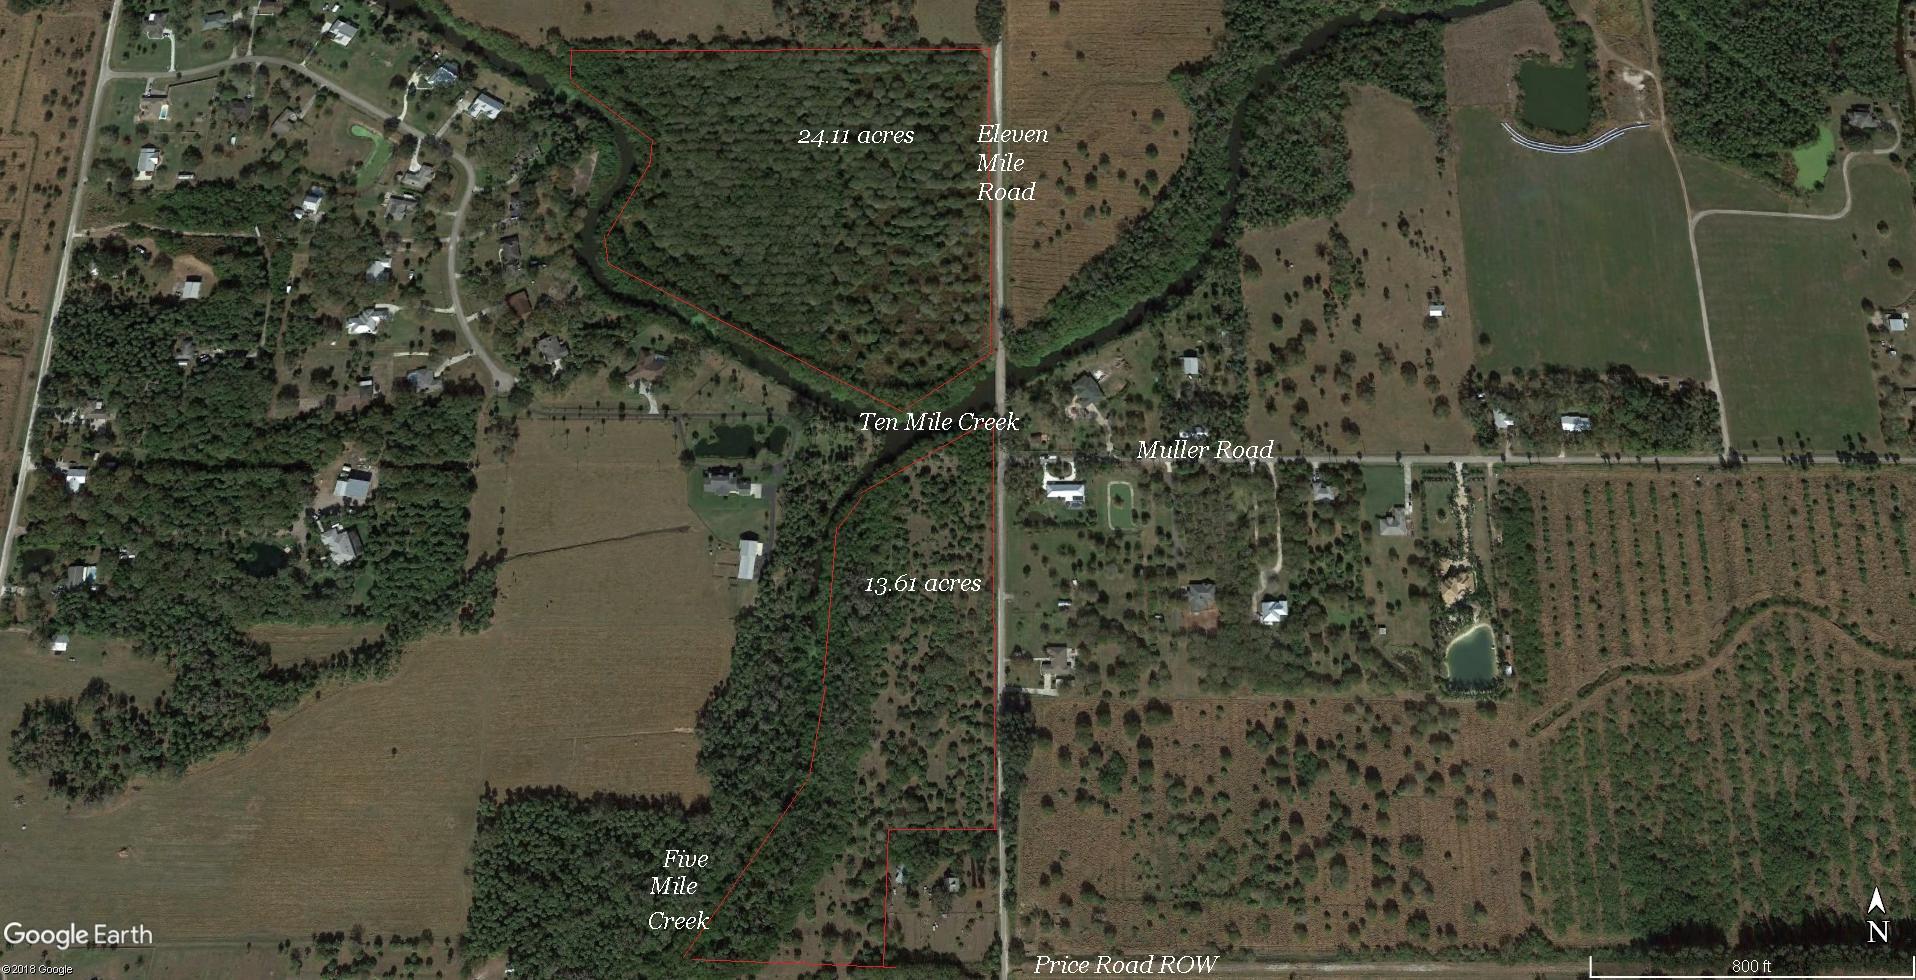 Freeman_3950_Eleven Mile Road_37 acres